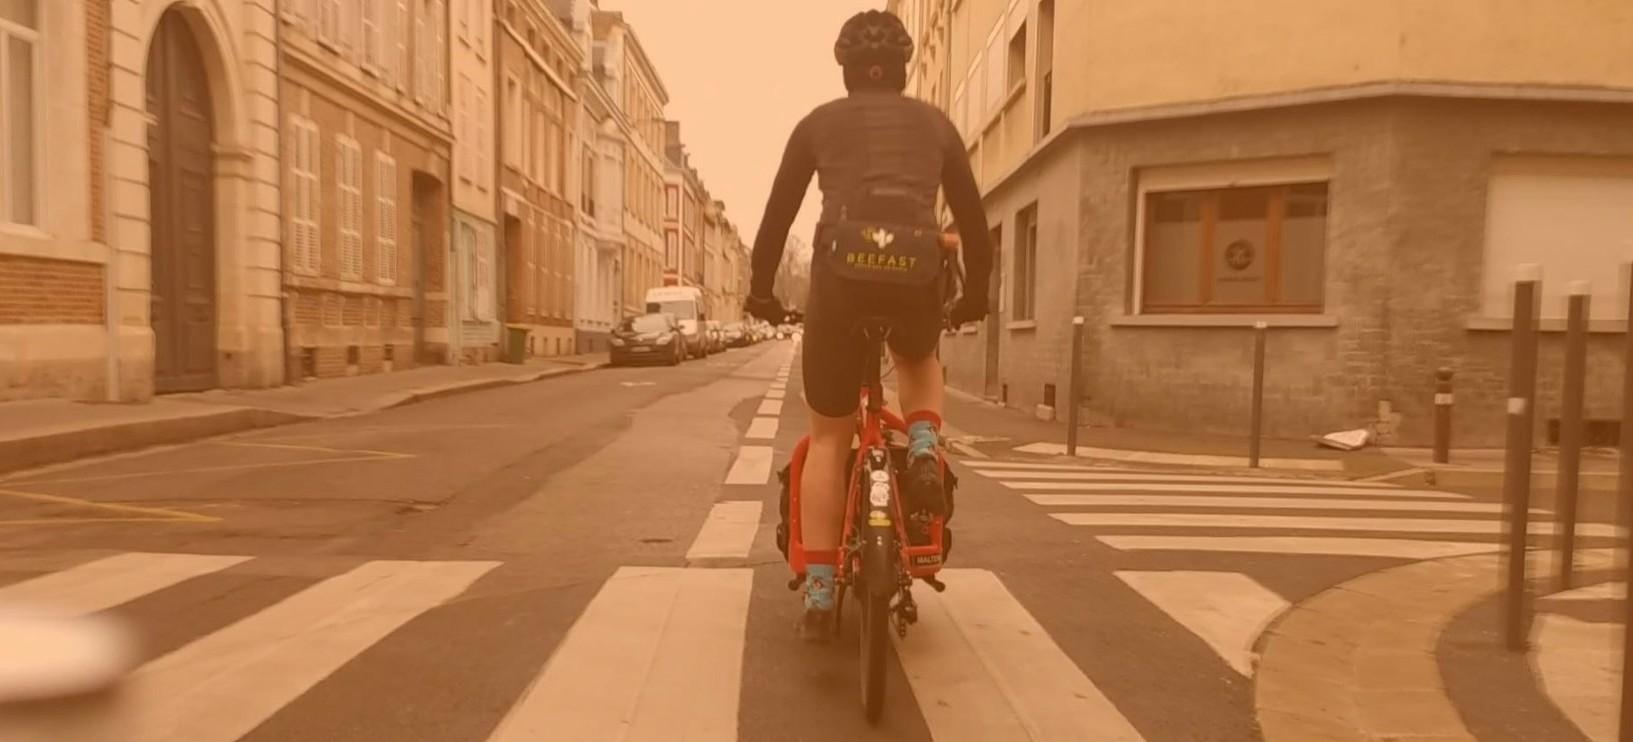 Biclo: entre deux livraisons avec Antoine, coursier amiénois – épisode 2